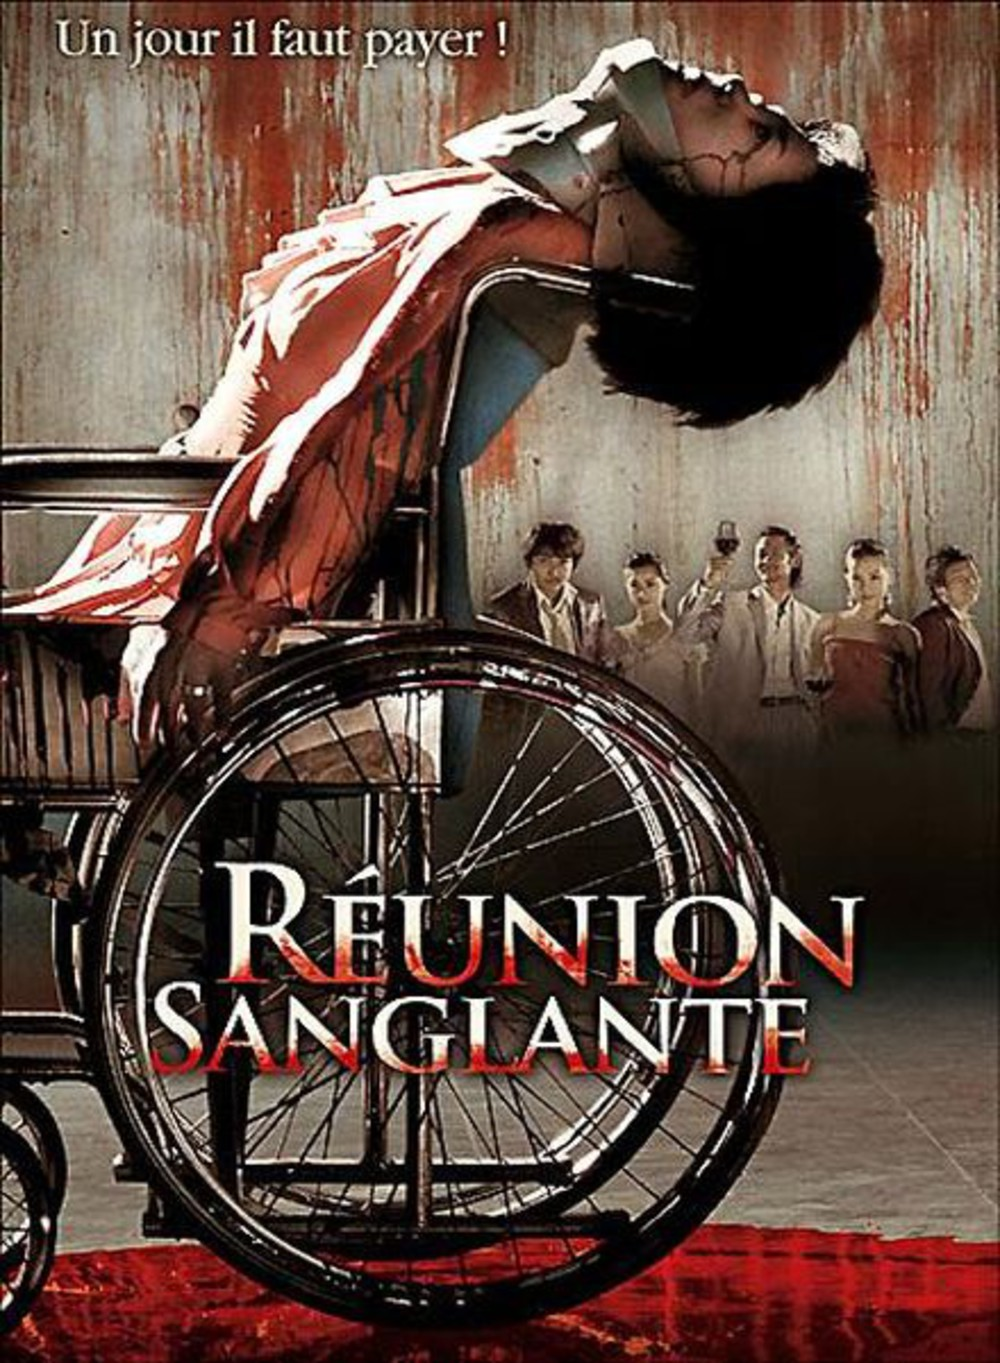 Reunion_Sanglante